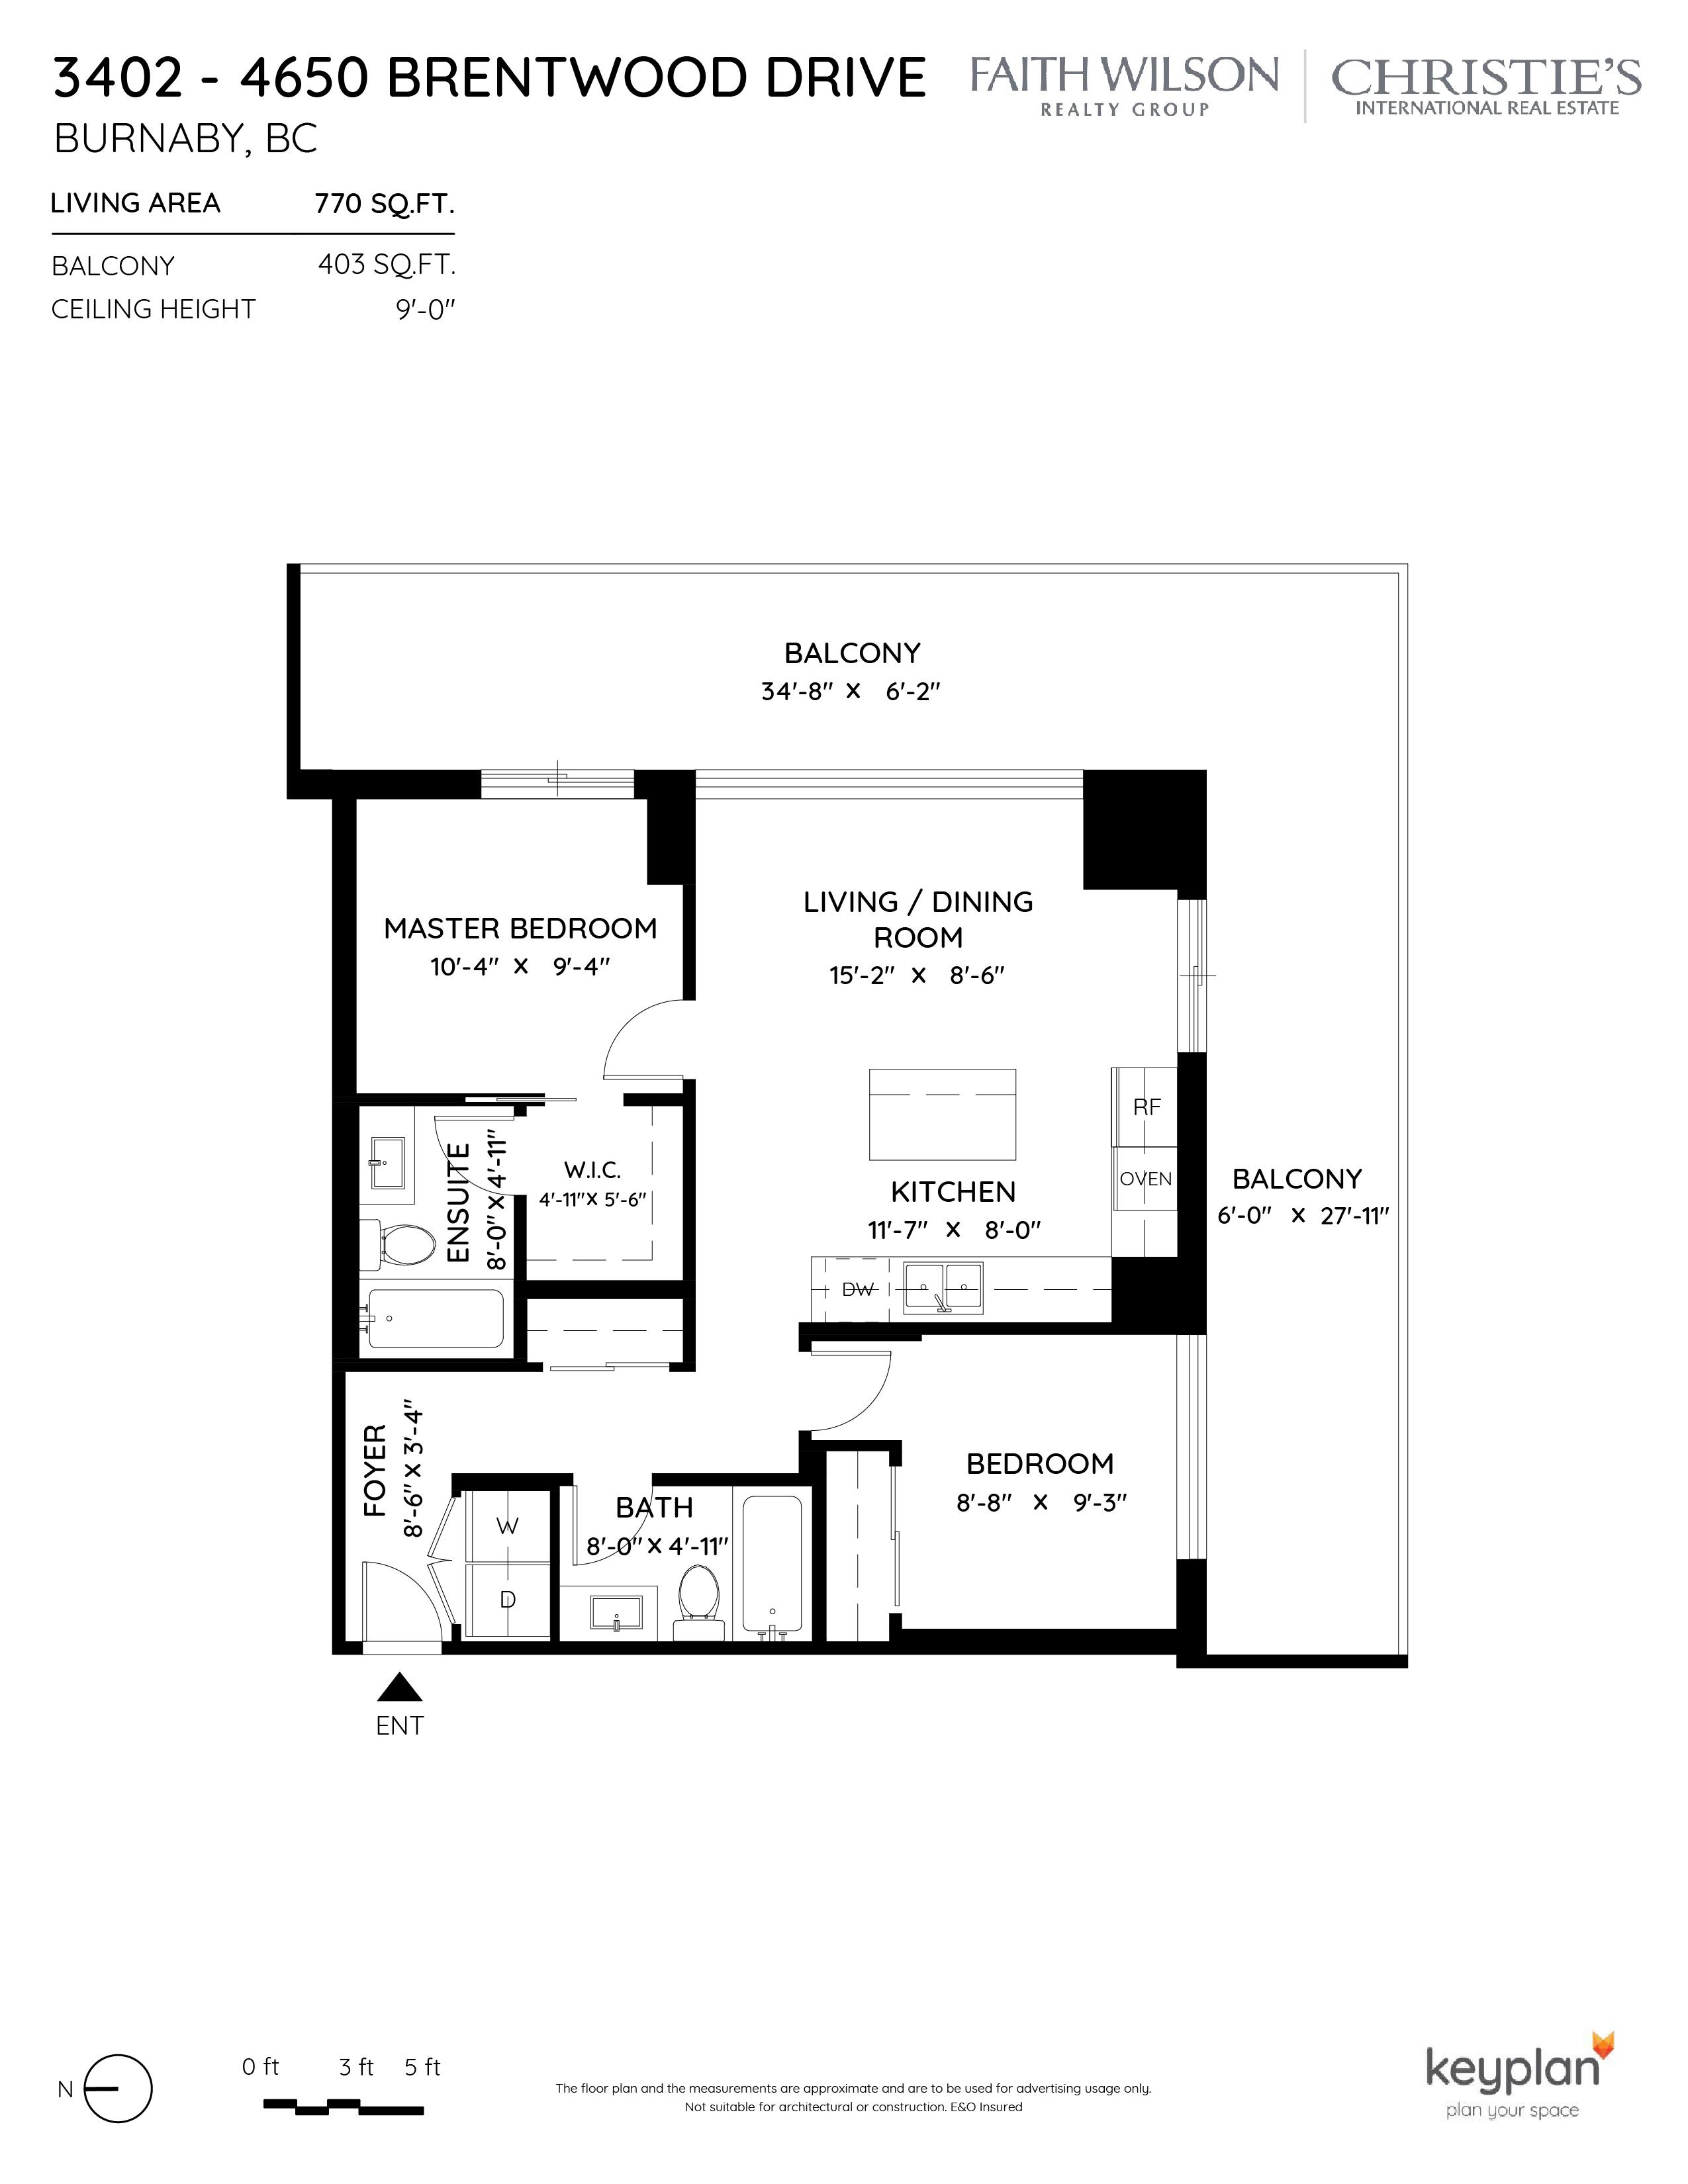 Unit 3402 4650 Brentwood Drive By Faith Wilson Group Onikon Creative Inc Floorplan